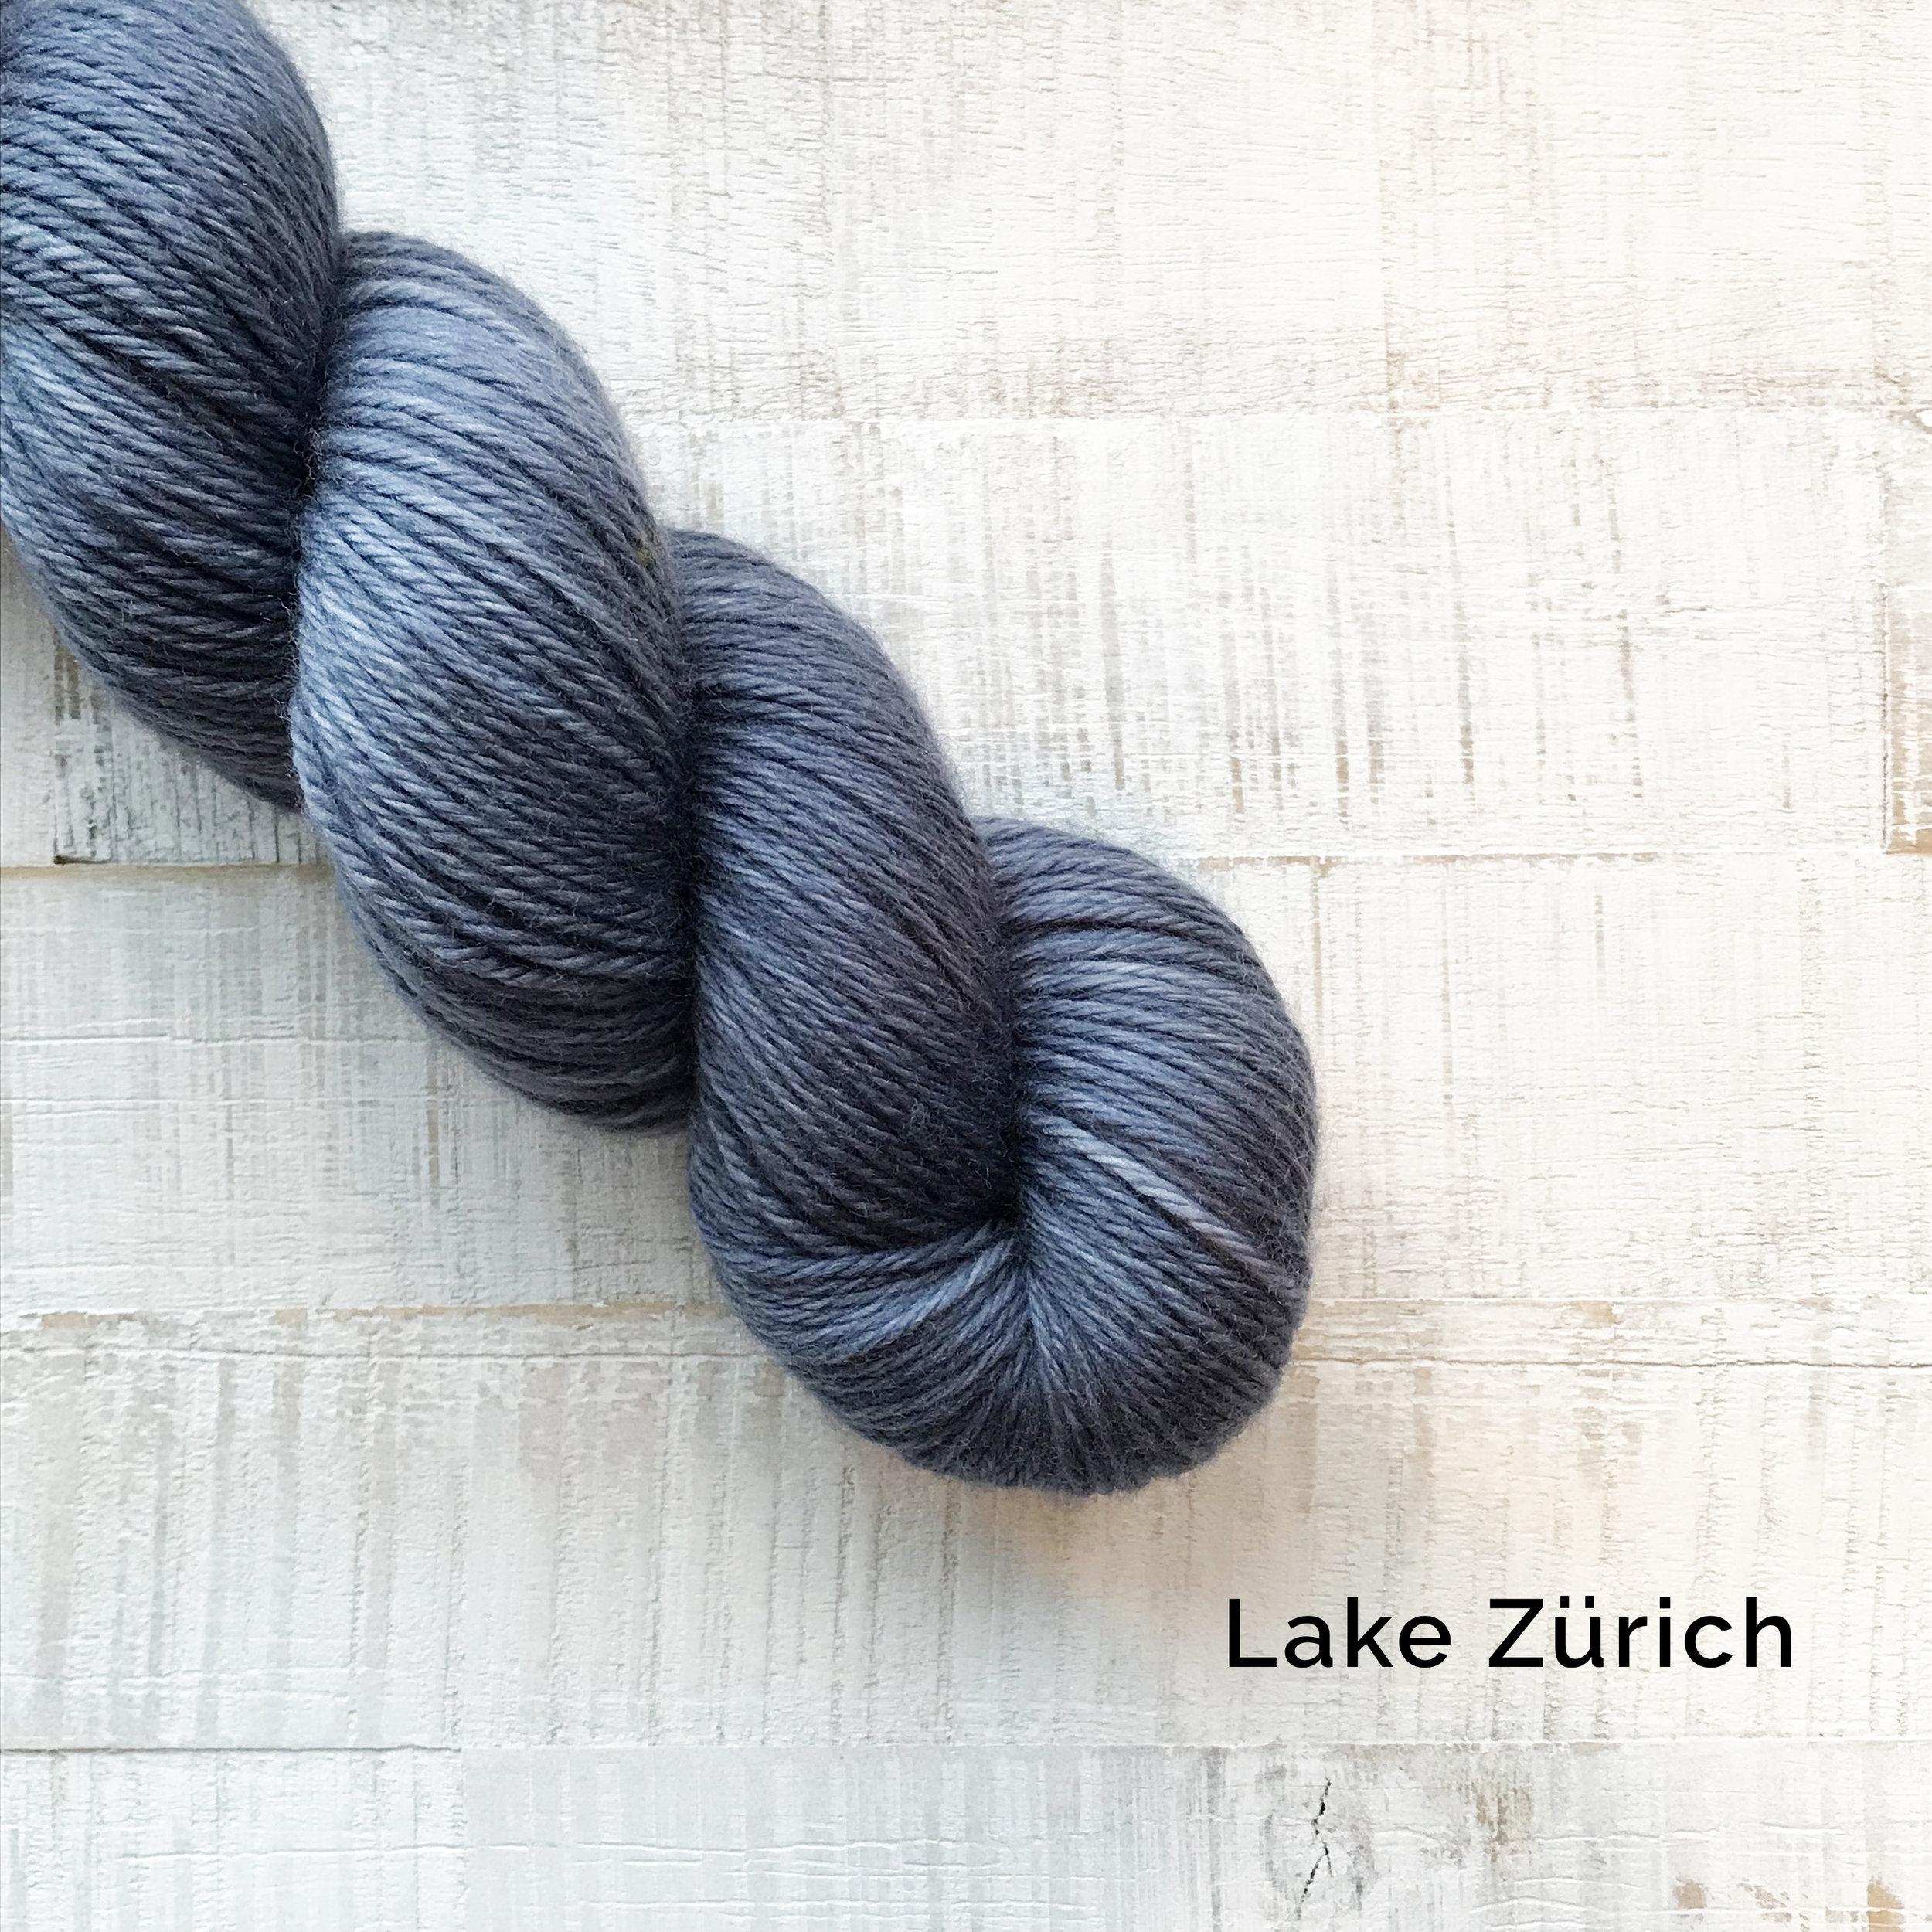 LakeZurich.jpg